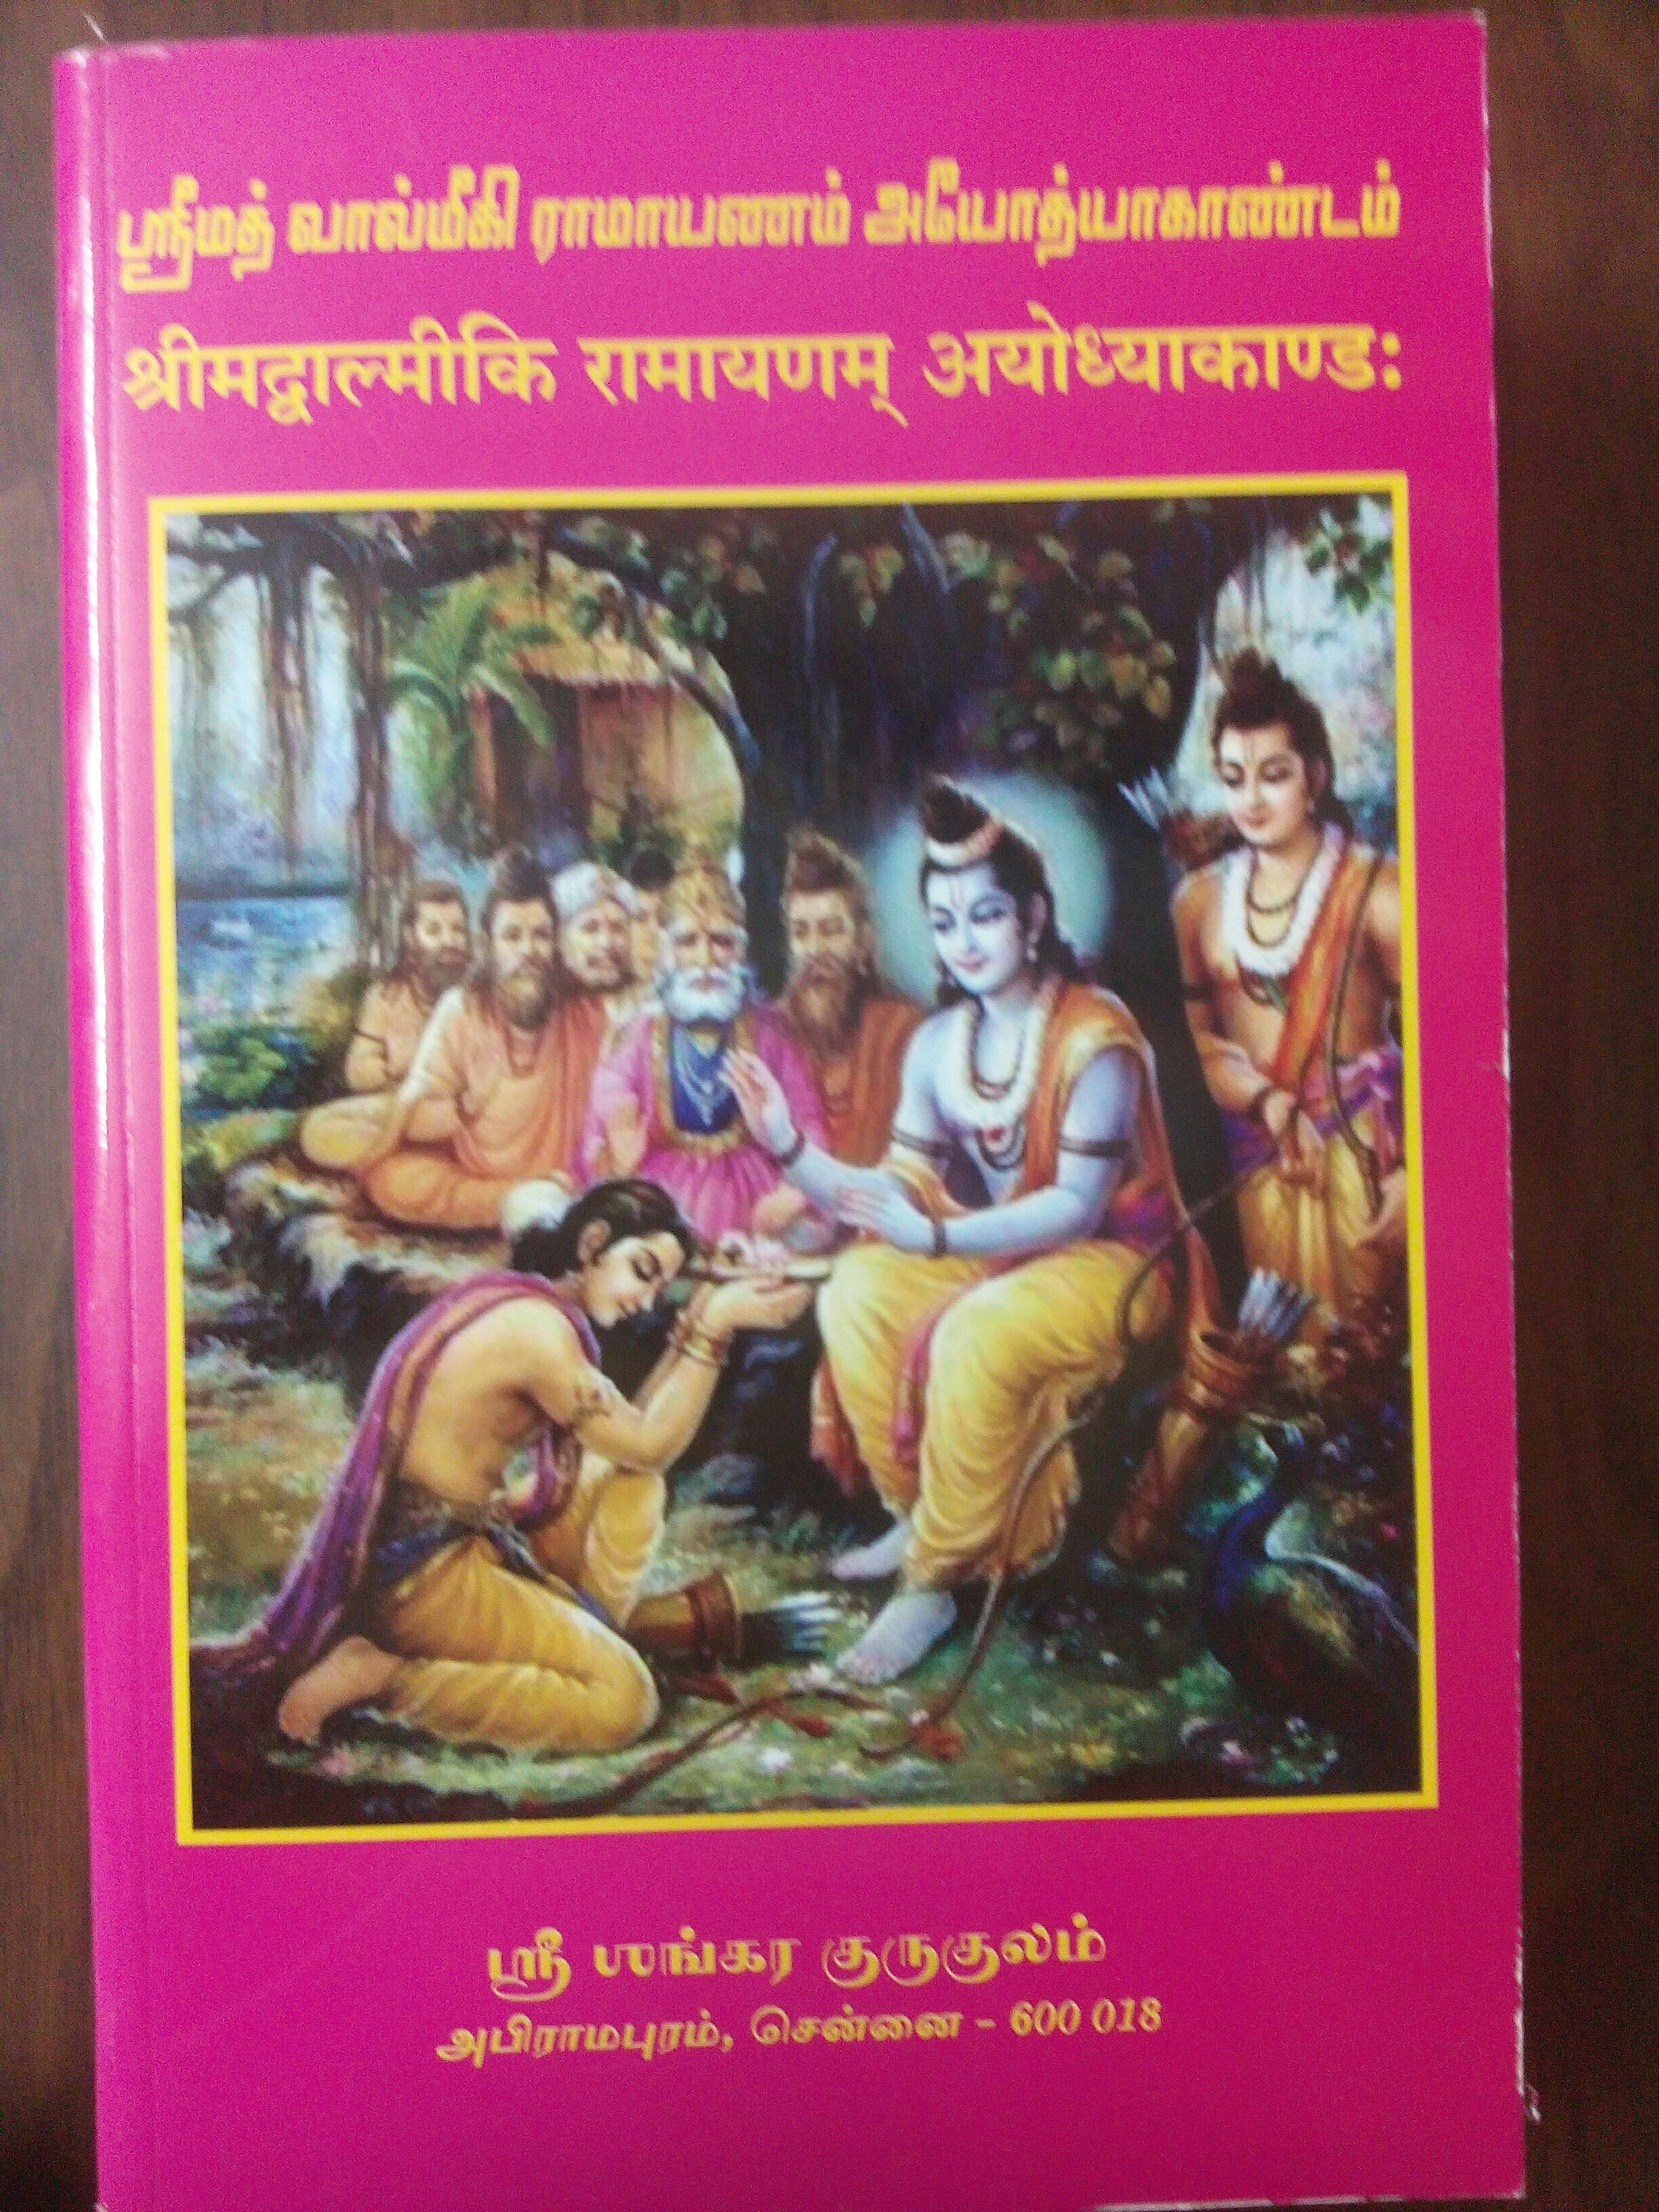 ஸ்ரீமத் வால்மீகி ராமாயணம் அயோத்யா காண்டம்